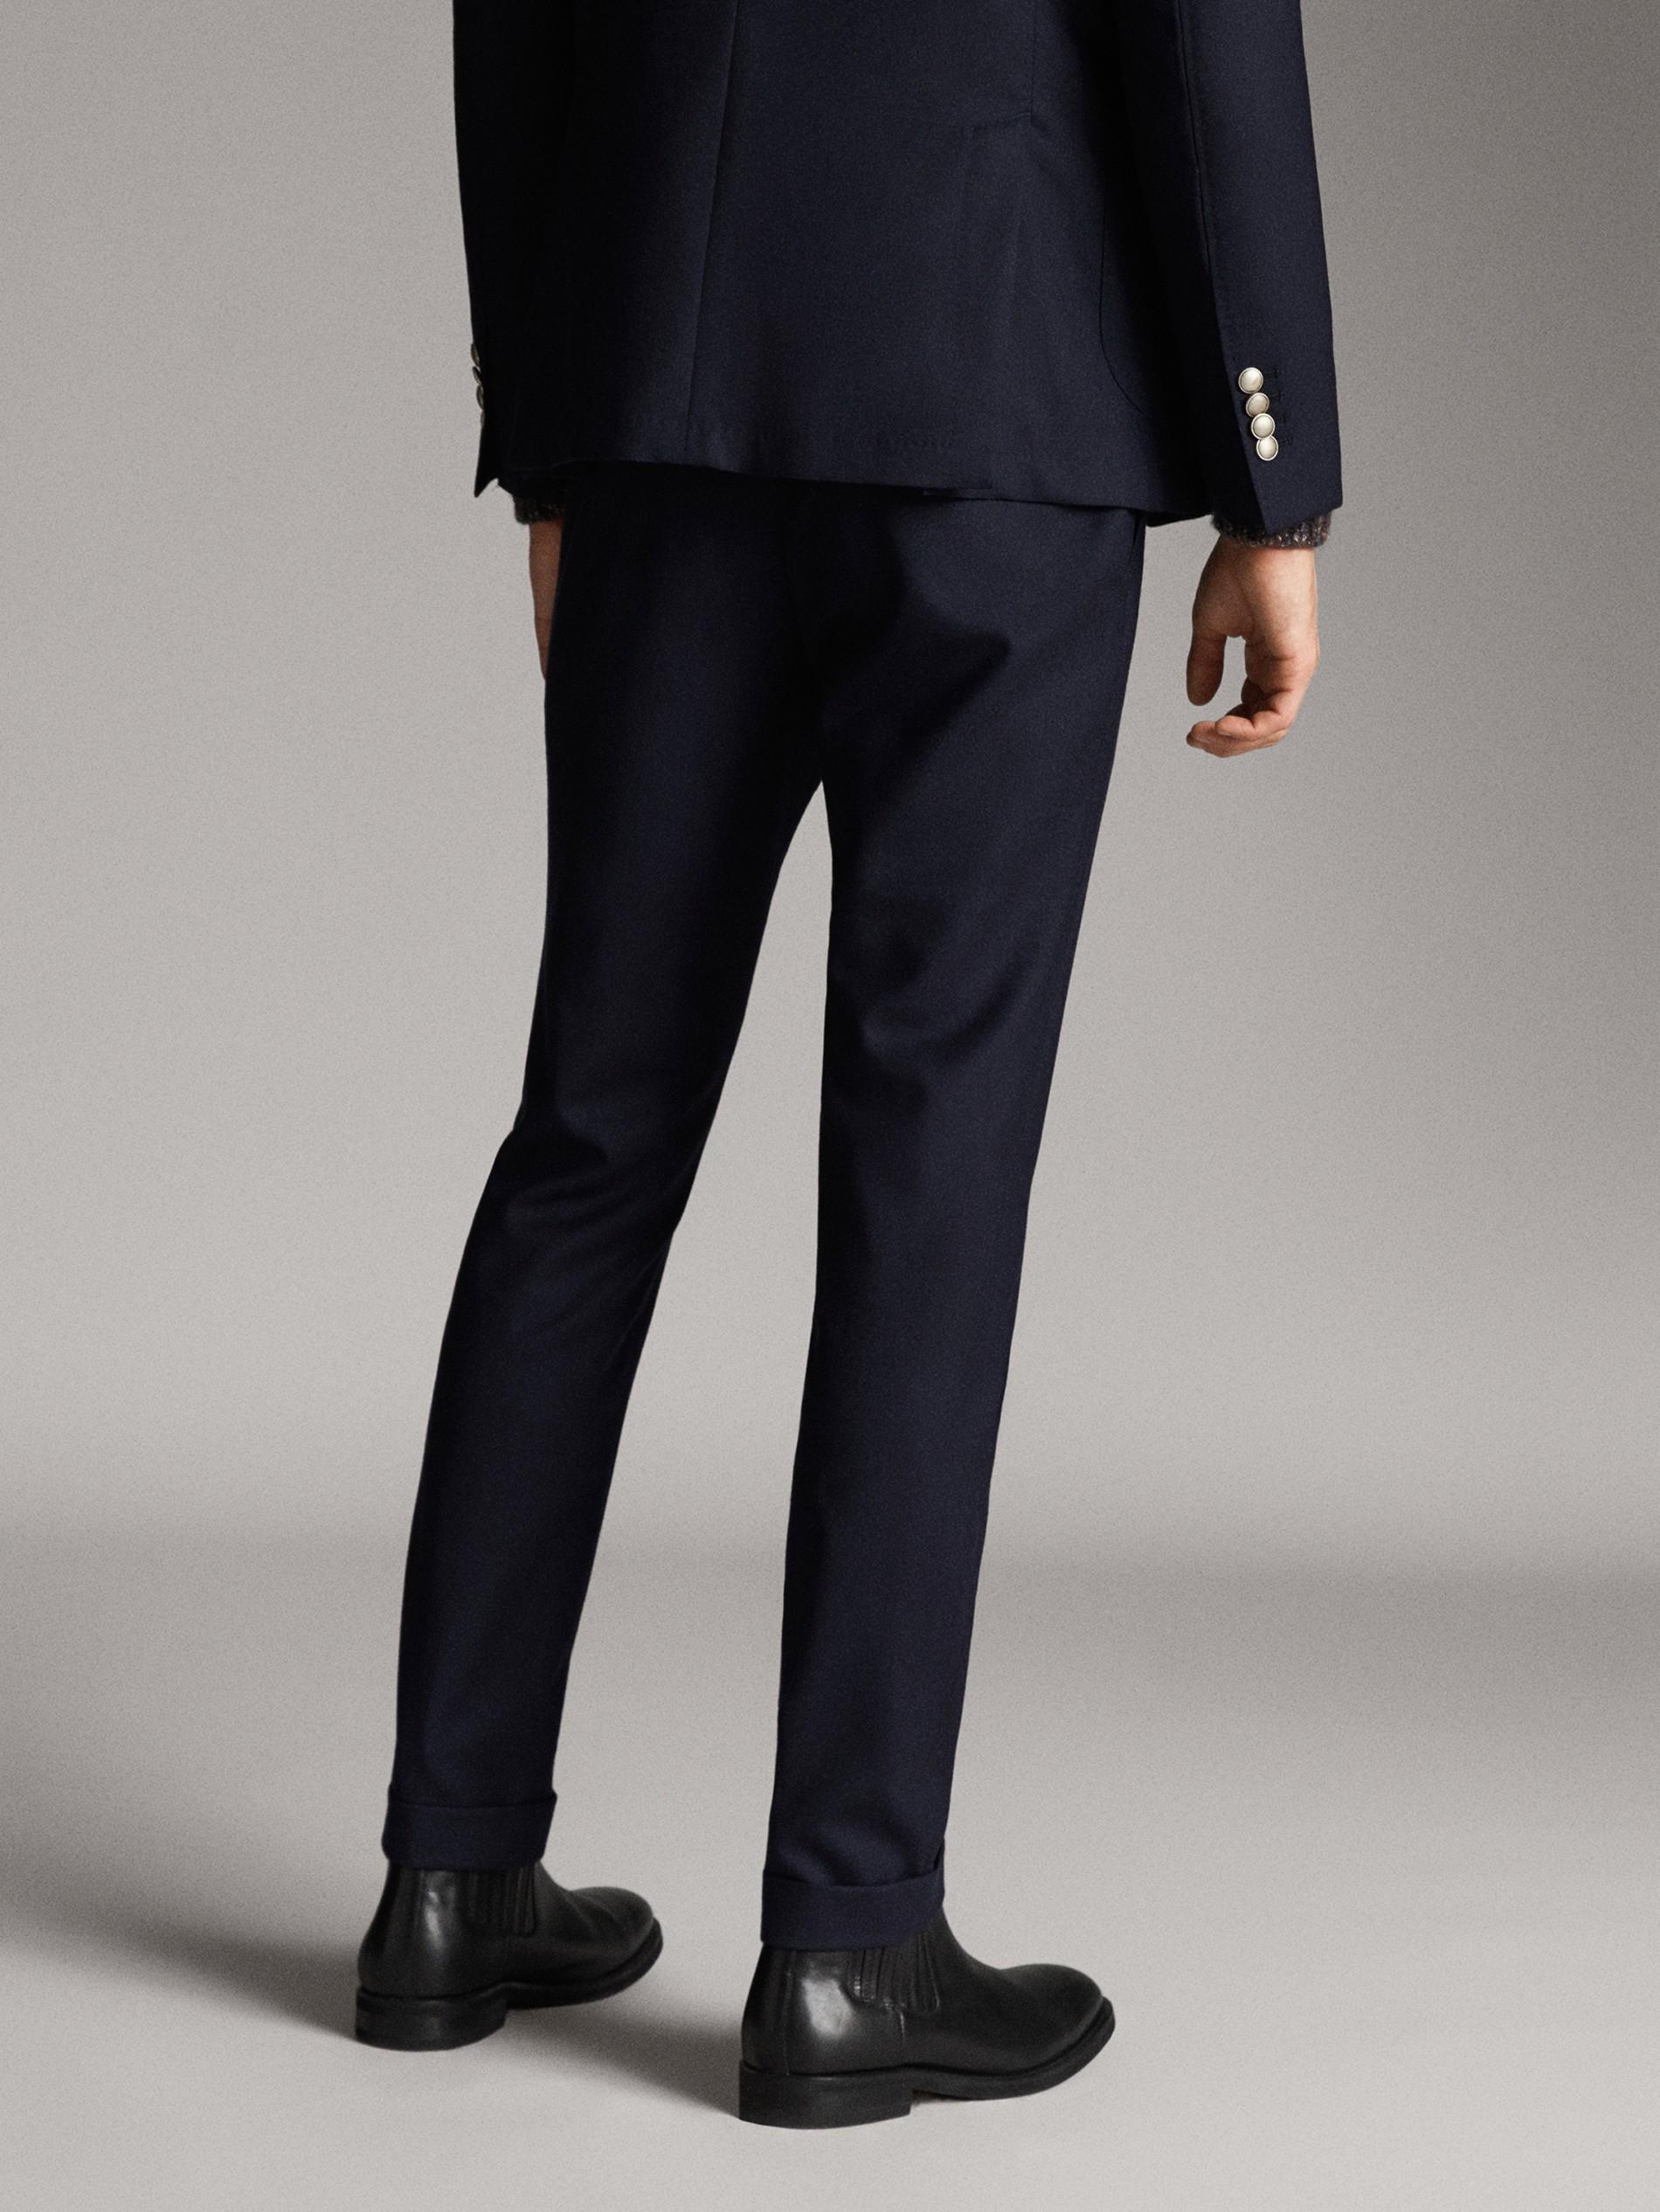 340666e7 marine wollen pantalon met structuur slim fit voor